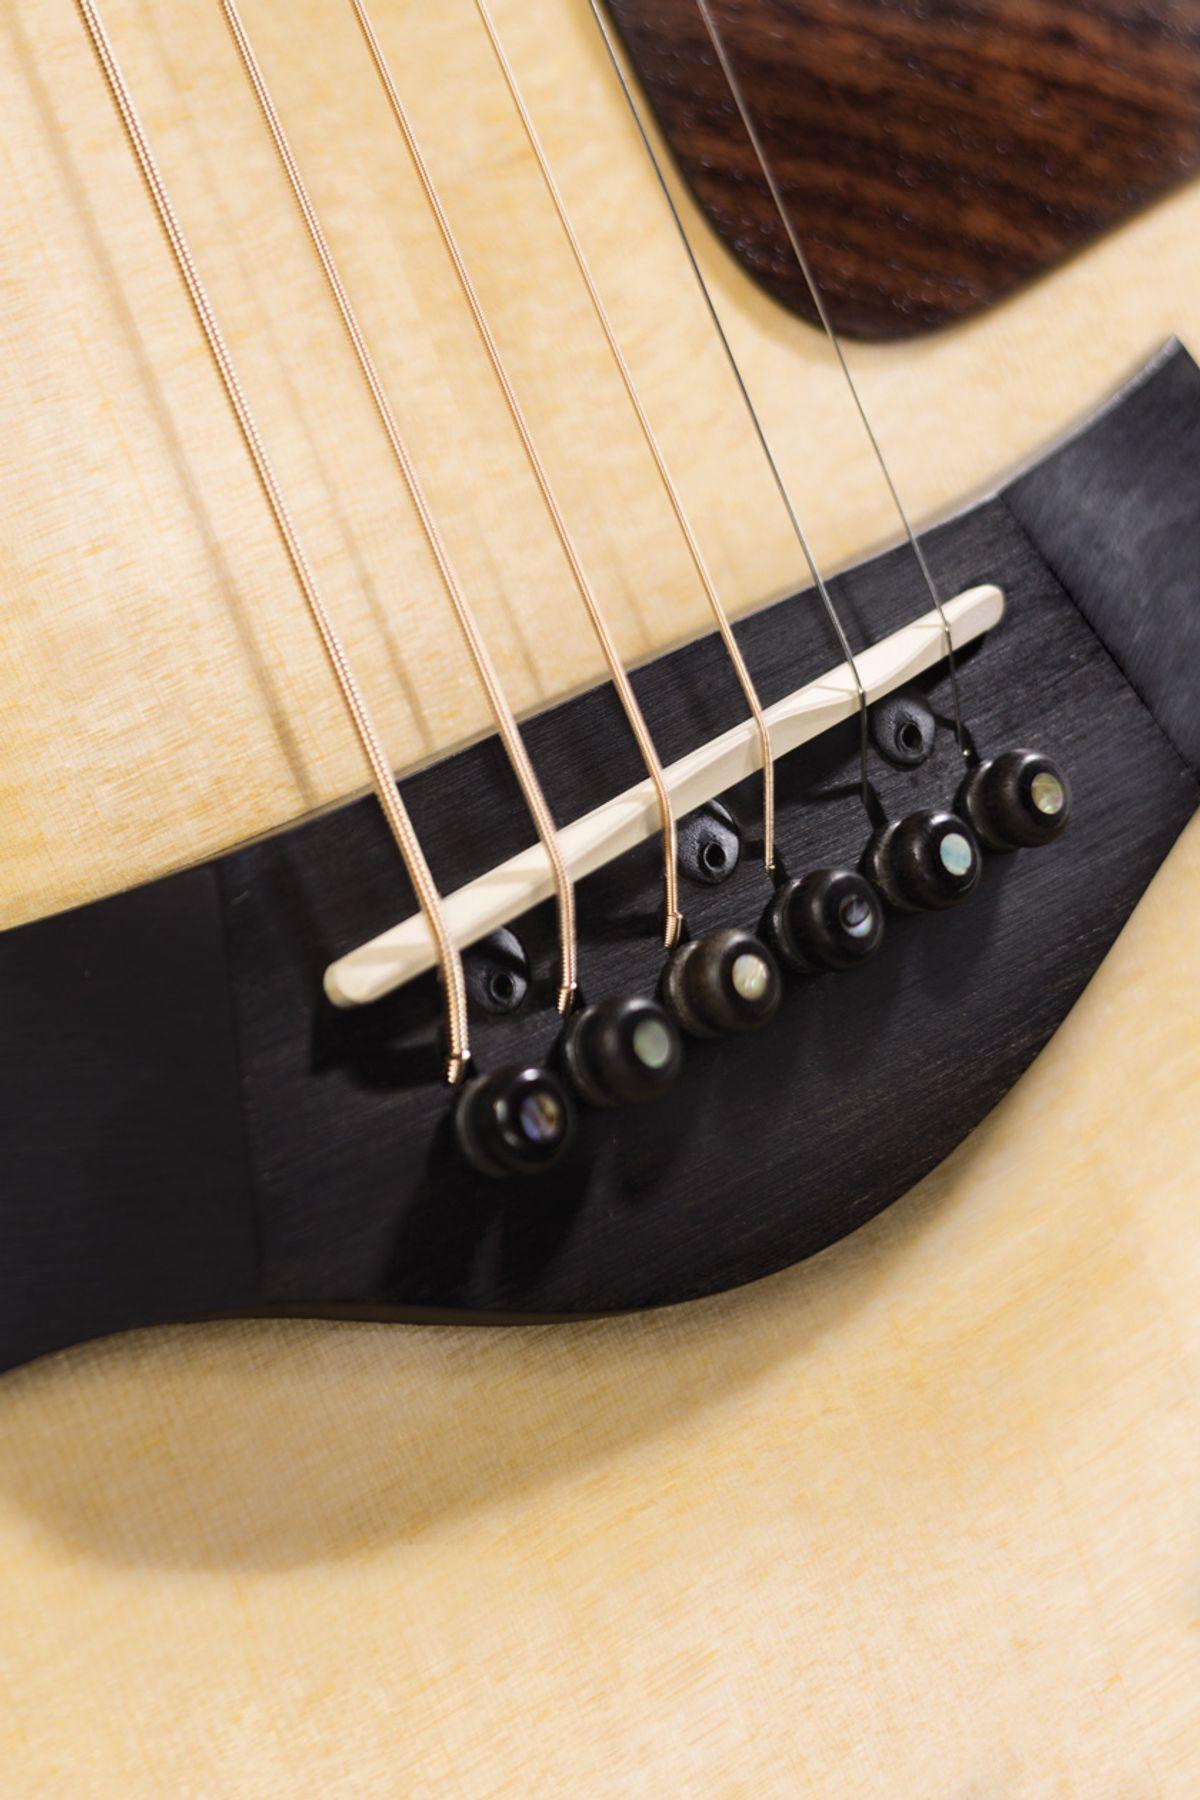 Acoustic Soundboard: Under Pressure